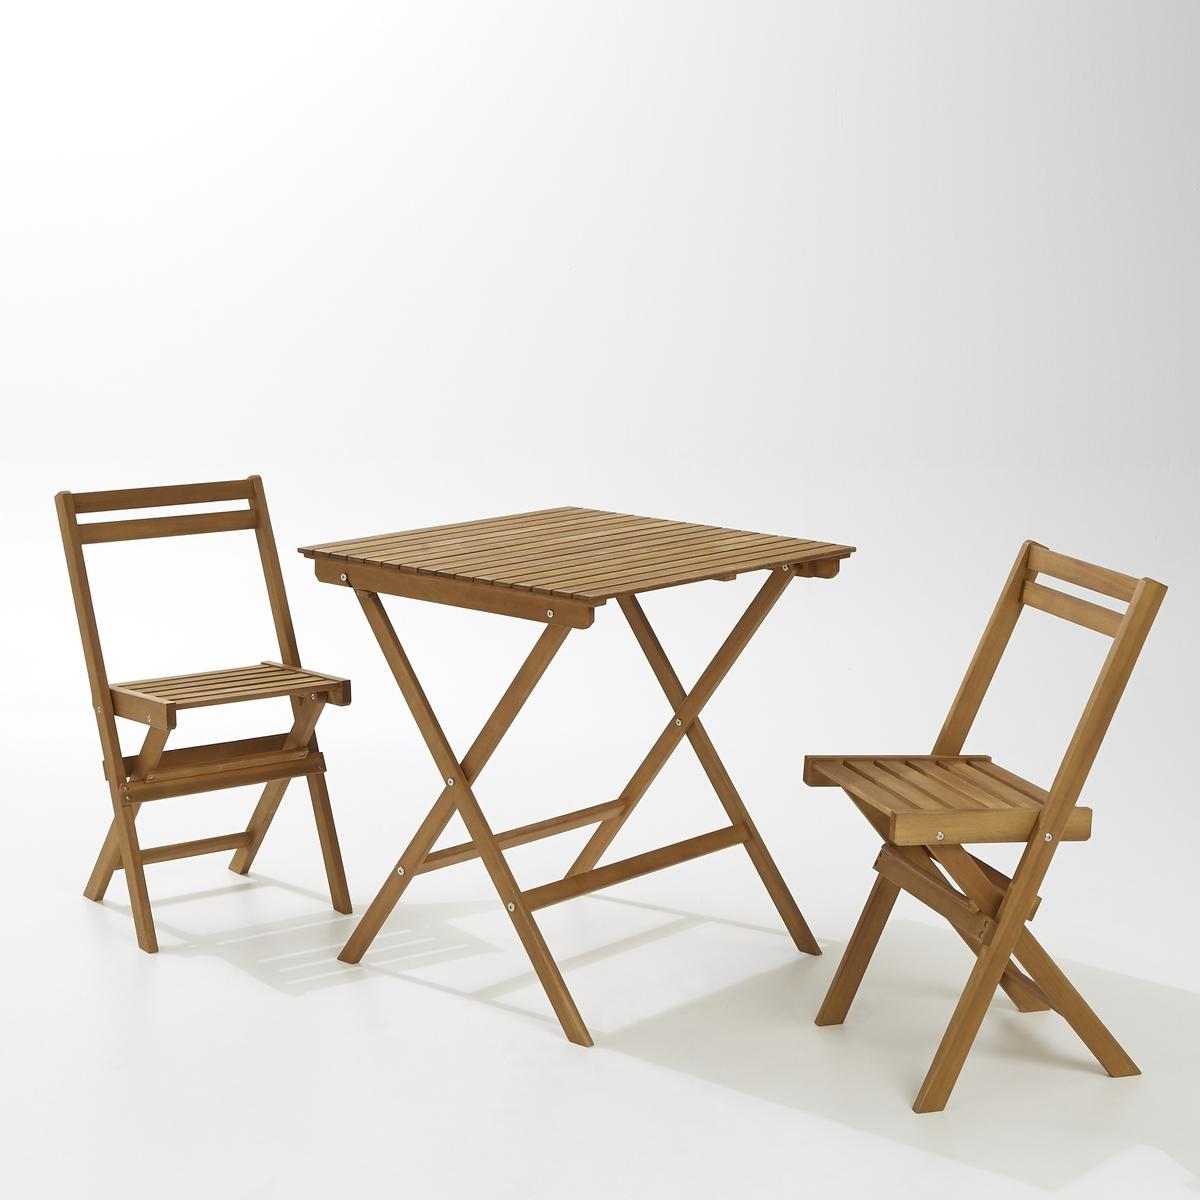 Комплект мебели для садаКомплект мебели для сада из складного стола и 2 стульев из акации контролируемого происхождения также включает стойку для компактного хранения. комплект станет красивым дополнением на балконе, в саду или на террасе.  Описание комплекта:1 складной стол и 2 стула.1 стойка для хранения из акации.Характеристики комплекта:Акация контролируемого происхождения, отделка тиком.Складной стол, вставные стулья.Стойка из акации.Размеры комплекта:Стол: Длина: 70 см.Высота: 75 см.Глубина: 70 см.Стул: Длина: 42 см.Высота: 80 см.Глубина: 44 см.Высота сиденья: 45 см.Стойка:Длина: 40 см.Высота: 110 см.Глубина: 39 см.Размеры и вес в упаковке:1 упаковка.Ш.98 x В.18 x Д.72.5 см.11 кг.Доставка: Для комплекта для сада из акации контролируемого происхождения предусмотрена самостоятельная сборка. Доставка до квартиры!Внимание! Убедитесь, что товар возможно доставить на дом, учитывая его габариты (проходит в двери, по лестницам, в лифты).<br><br>Цвет: акация